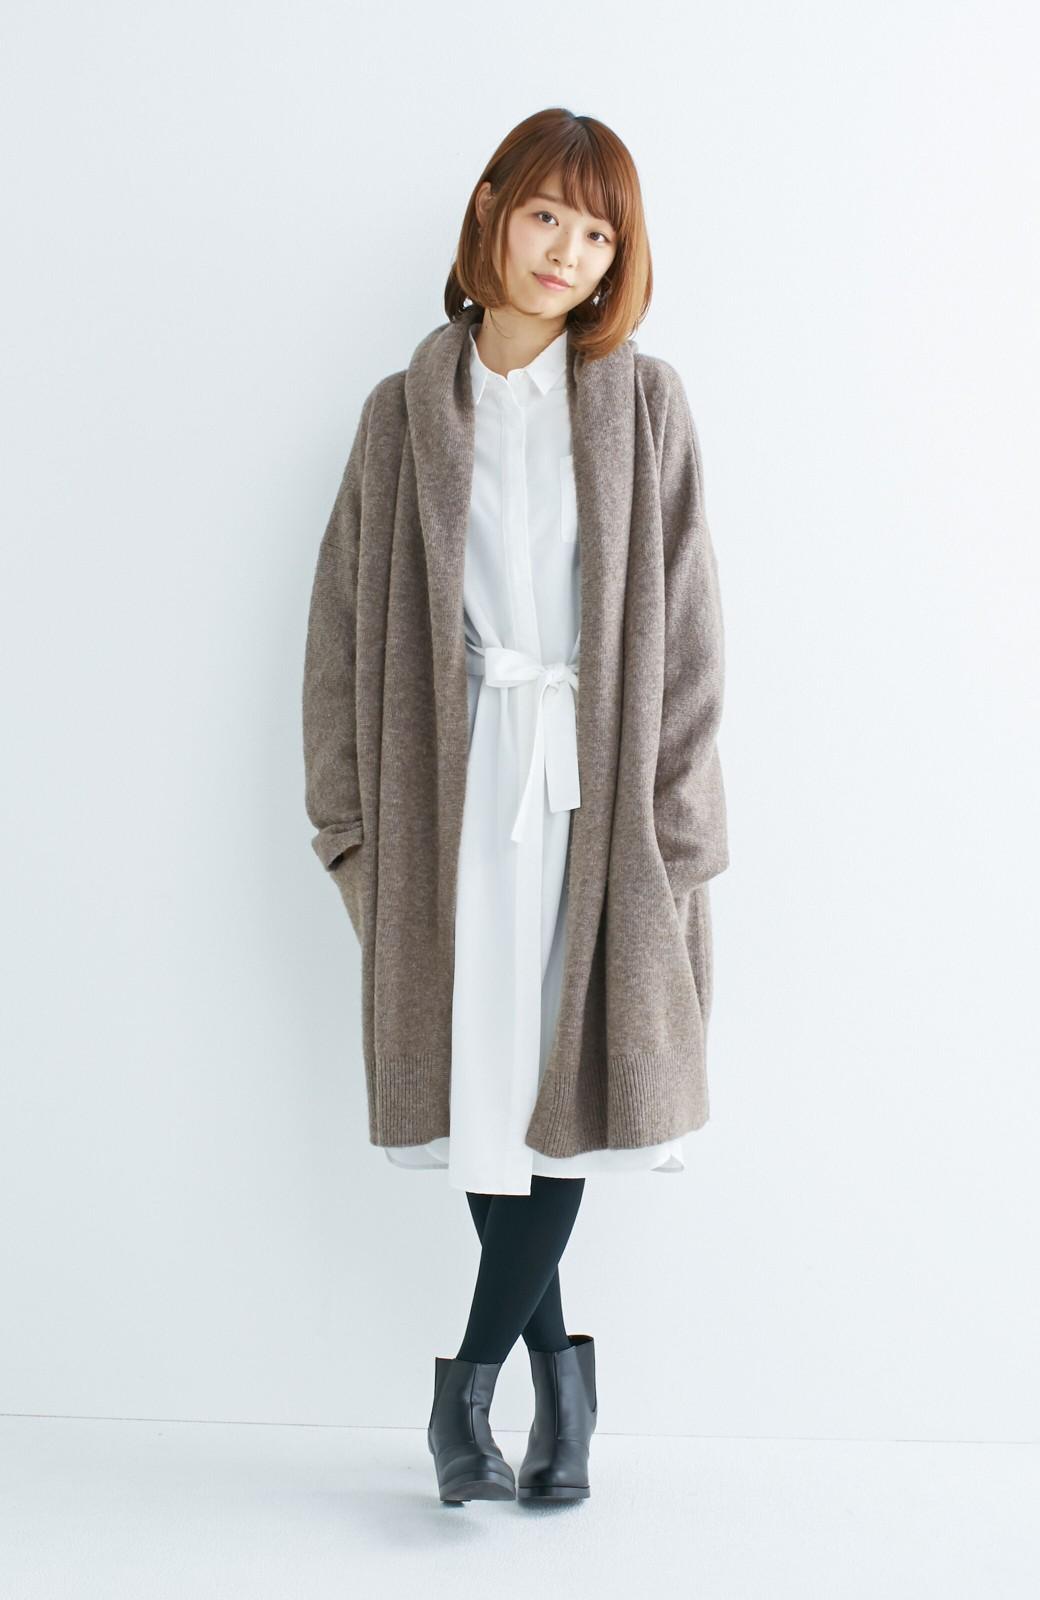 エムトロワ ぱっと羽織るのに便利な軽くてあったかいニットガウンコート <ブラウン>の商品写真9